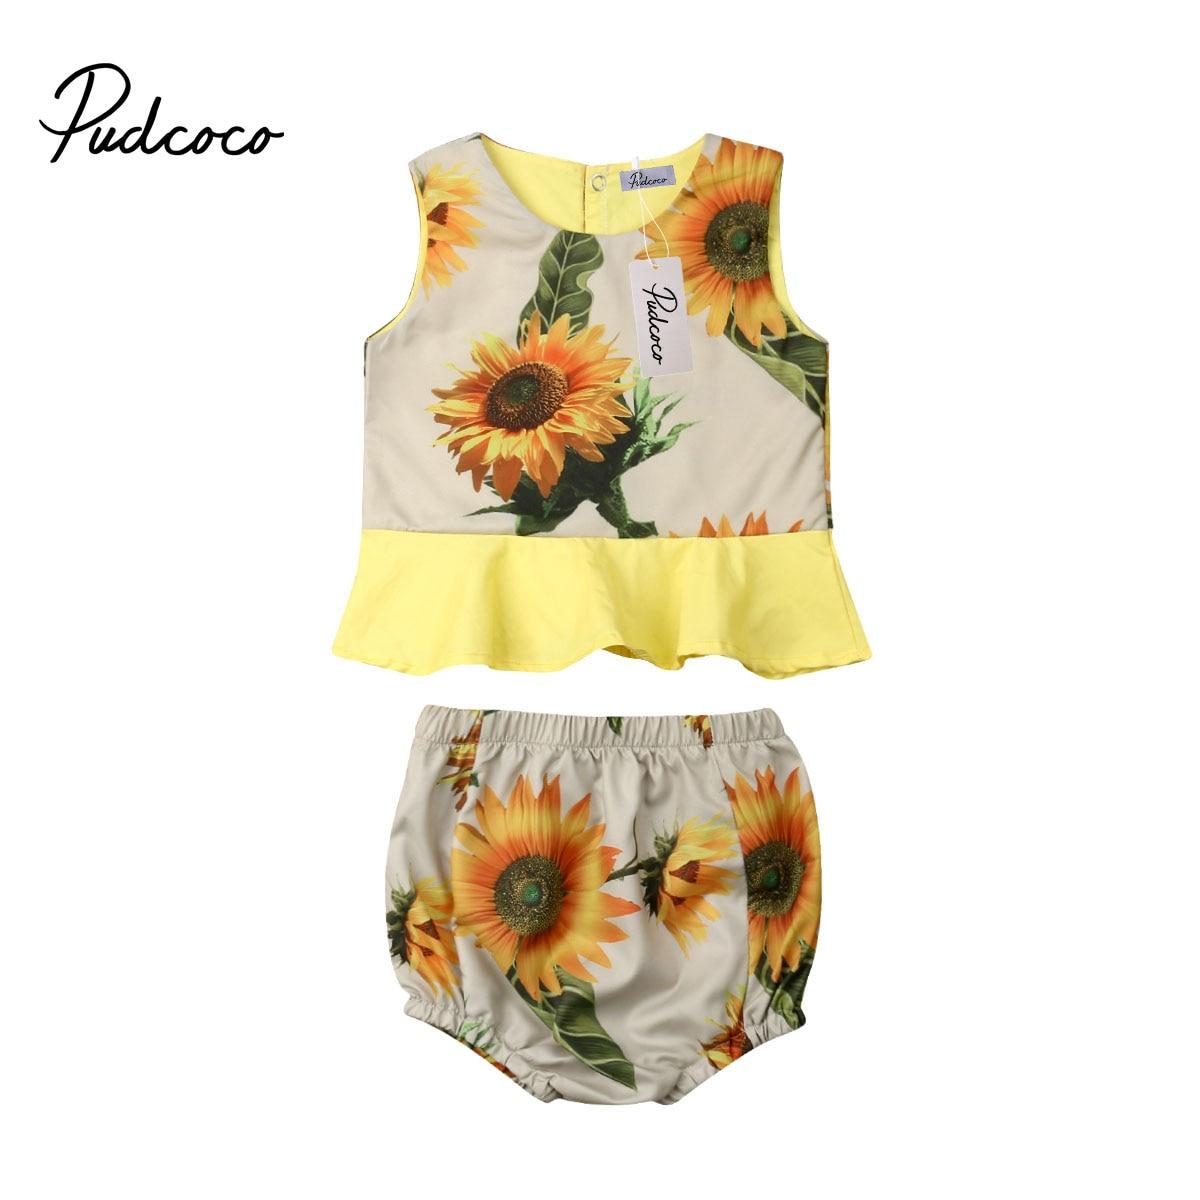 2 Pcs Neue Mode Baby Mädchen Kleidung Set 2019 Sommer Oansatz Sunflower Rüschen T-shirt Tops + Floral Shorts Pumphose 0 -18 M